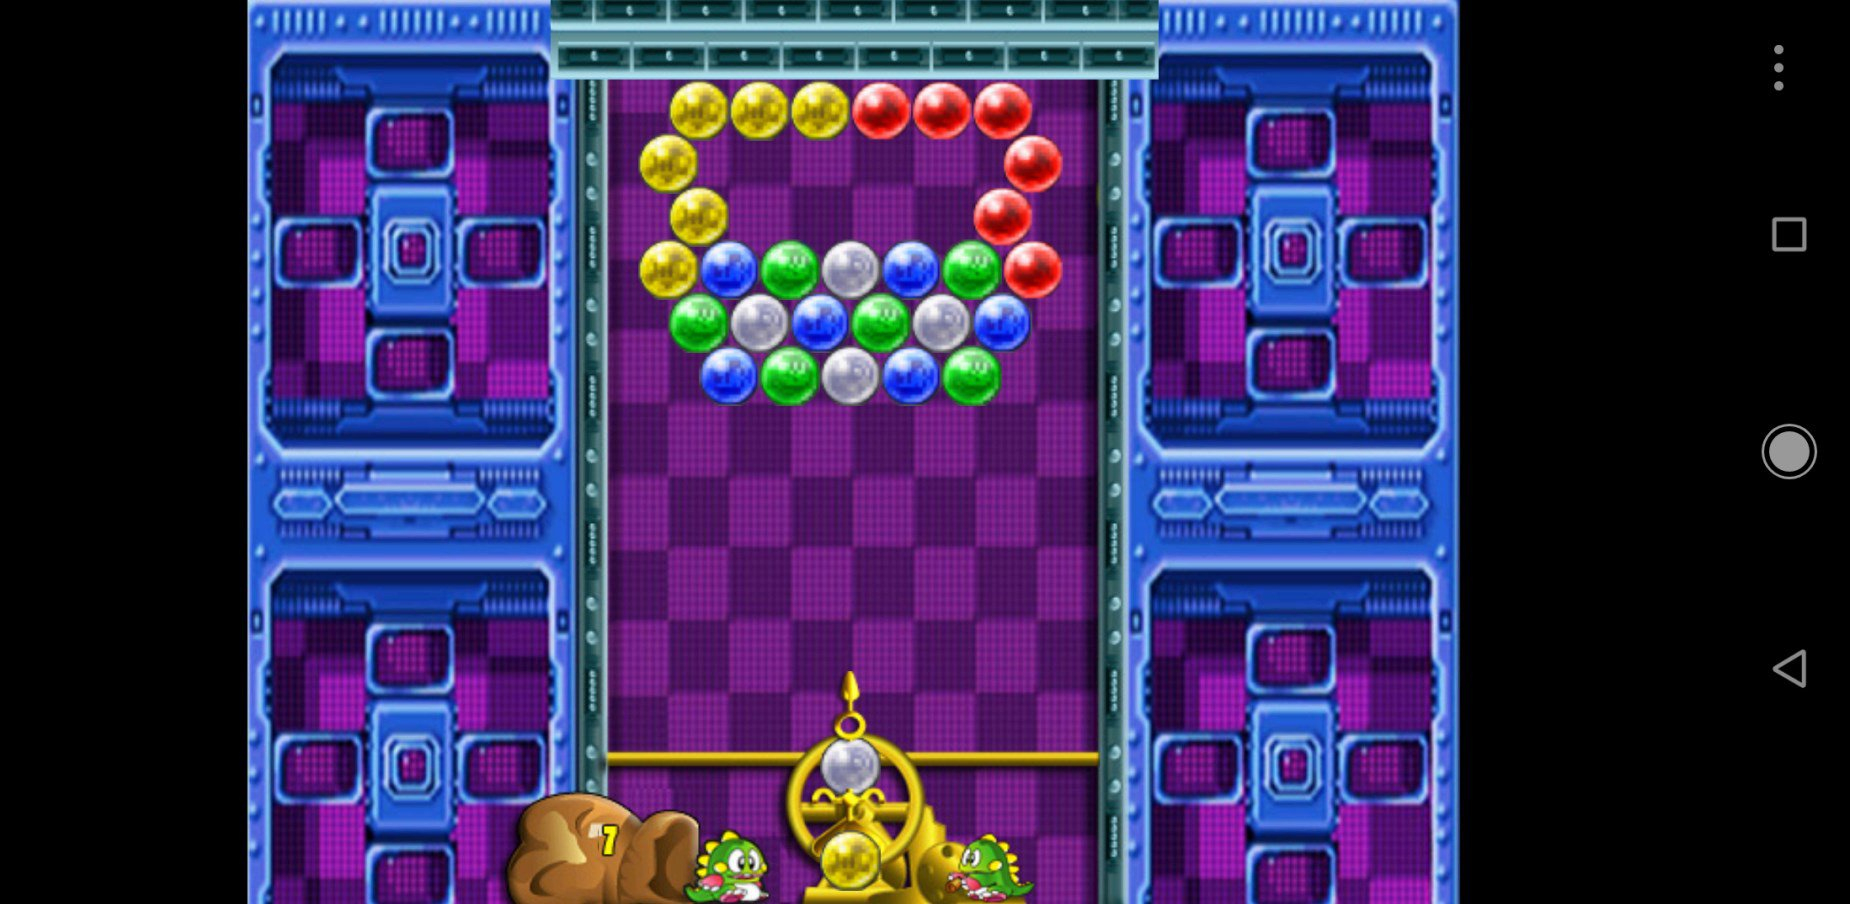 Puzzle Bobble 1.3 - Télécharger Pour Android Apk Gratuitement intérieur Jeux De Bulles Gratuit